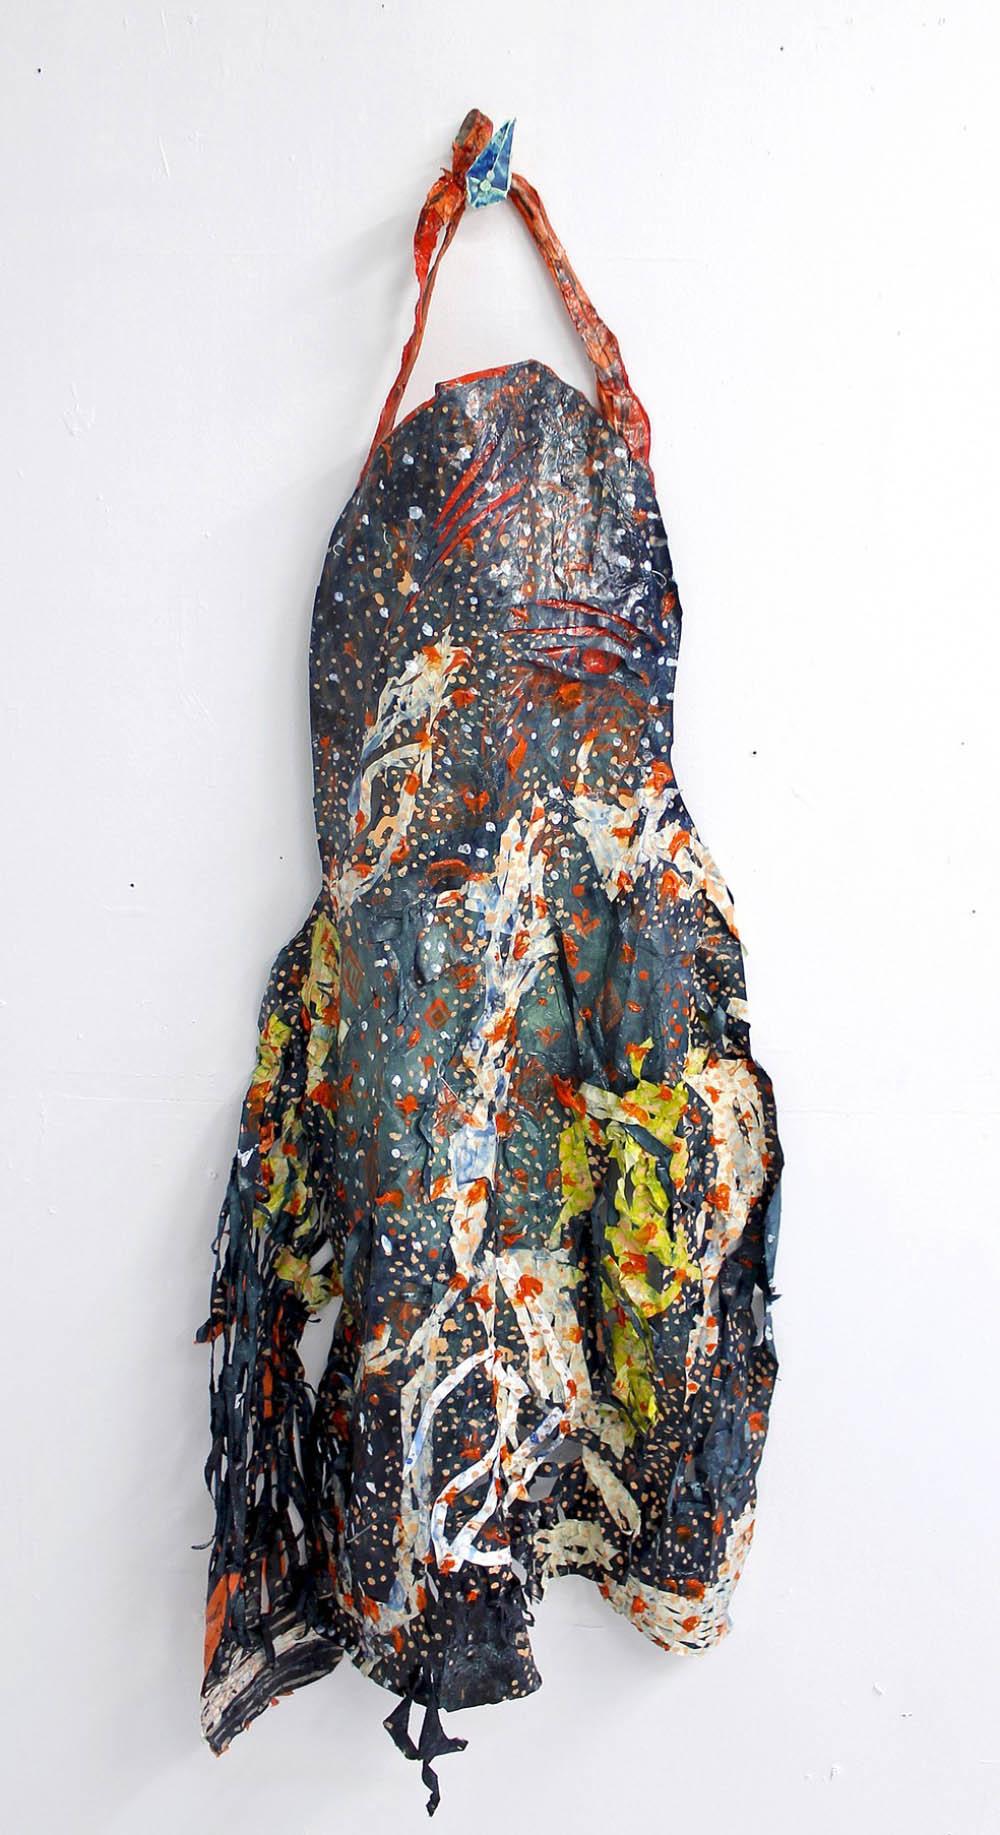 Sweatshirt, 2014, Acrylic, Ink and Fabric Dye on Paper